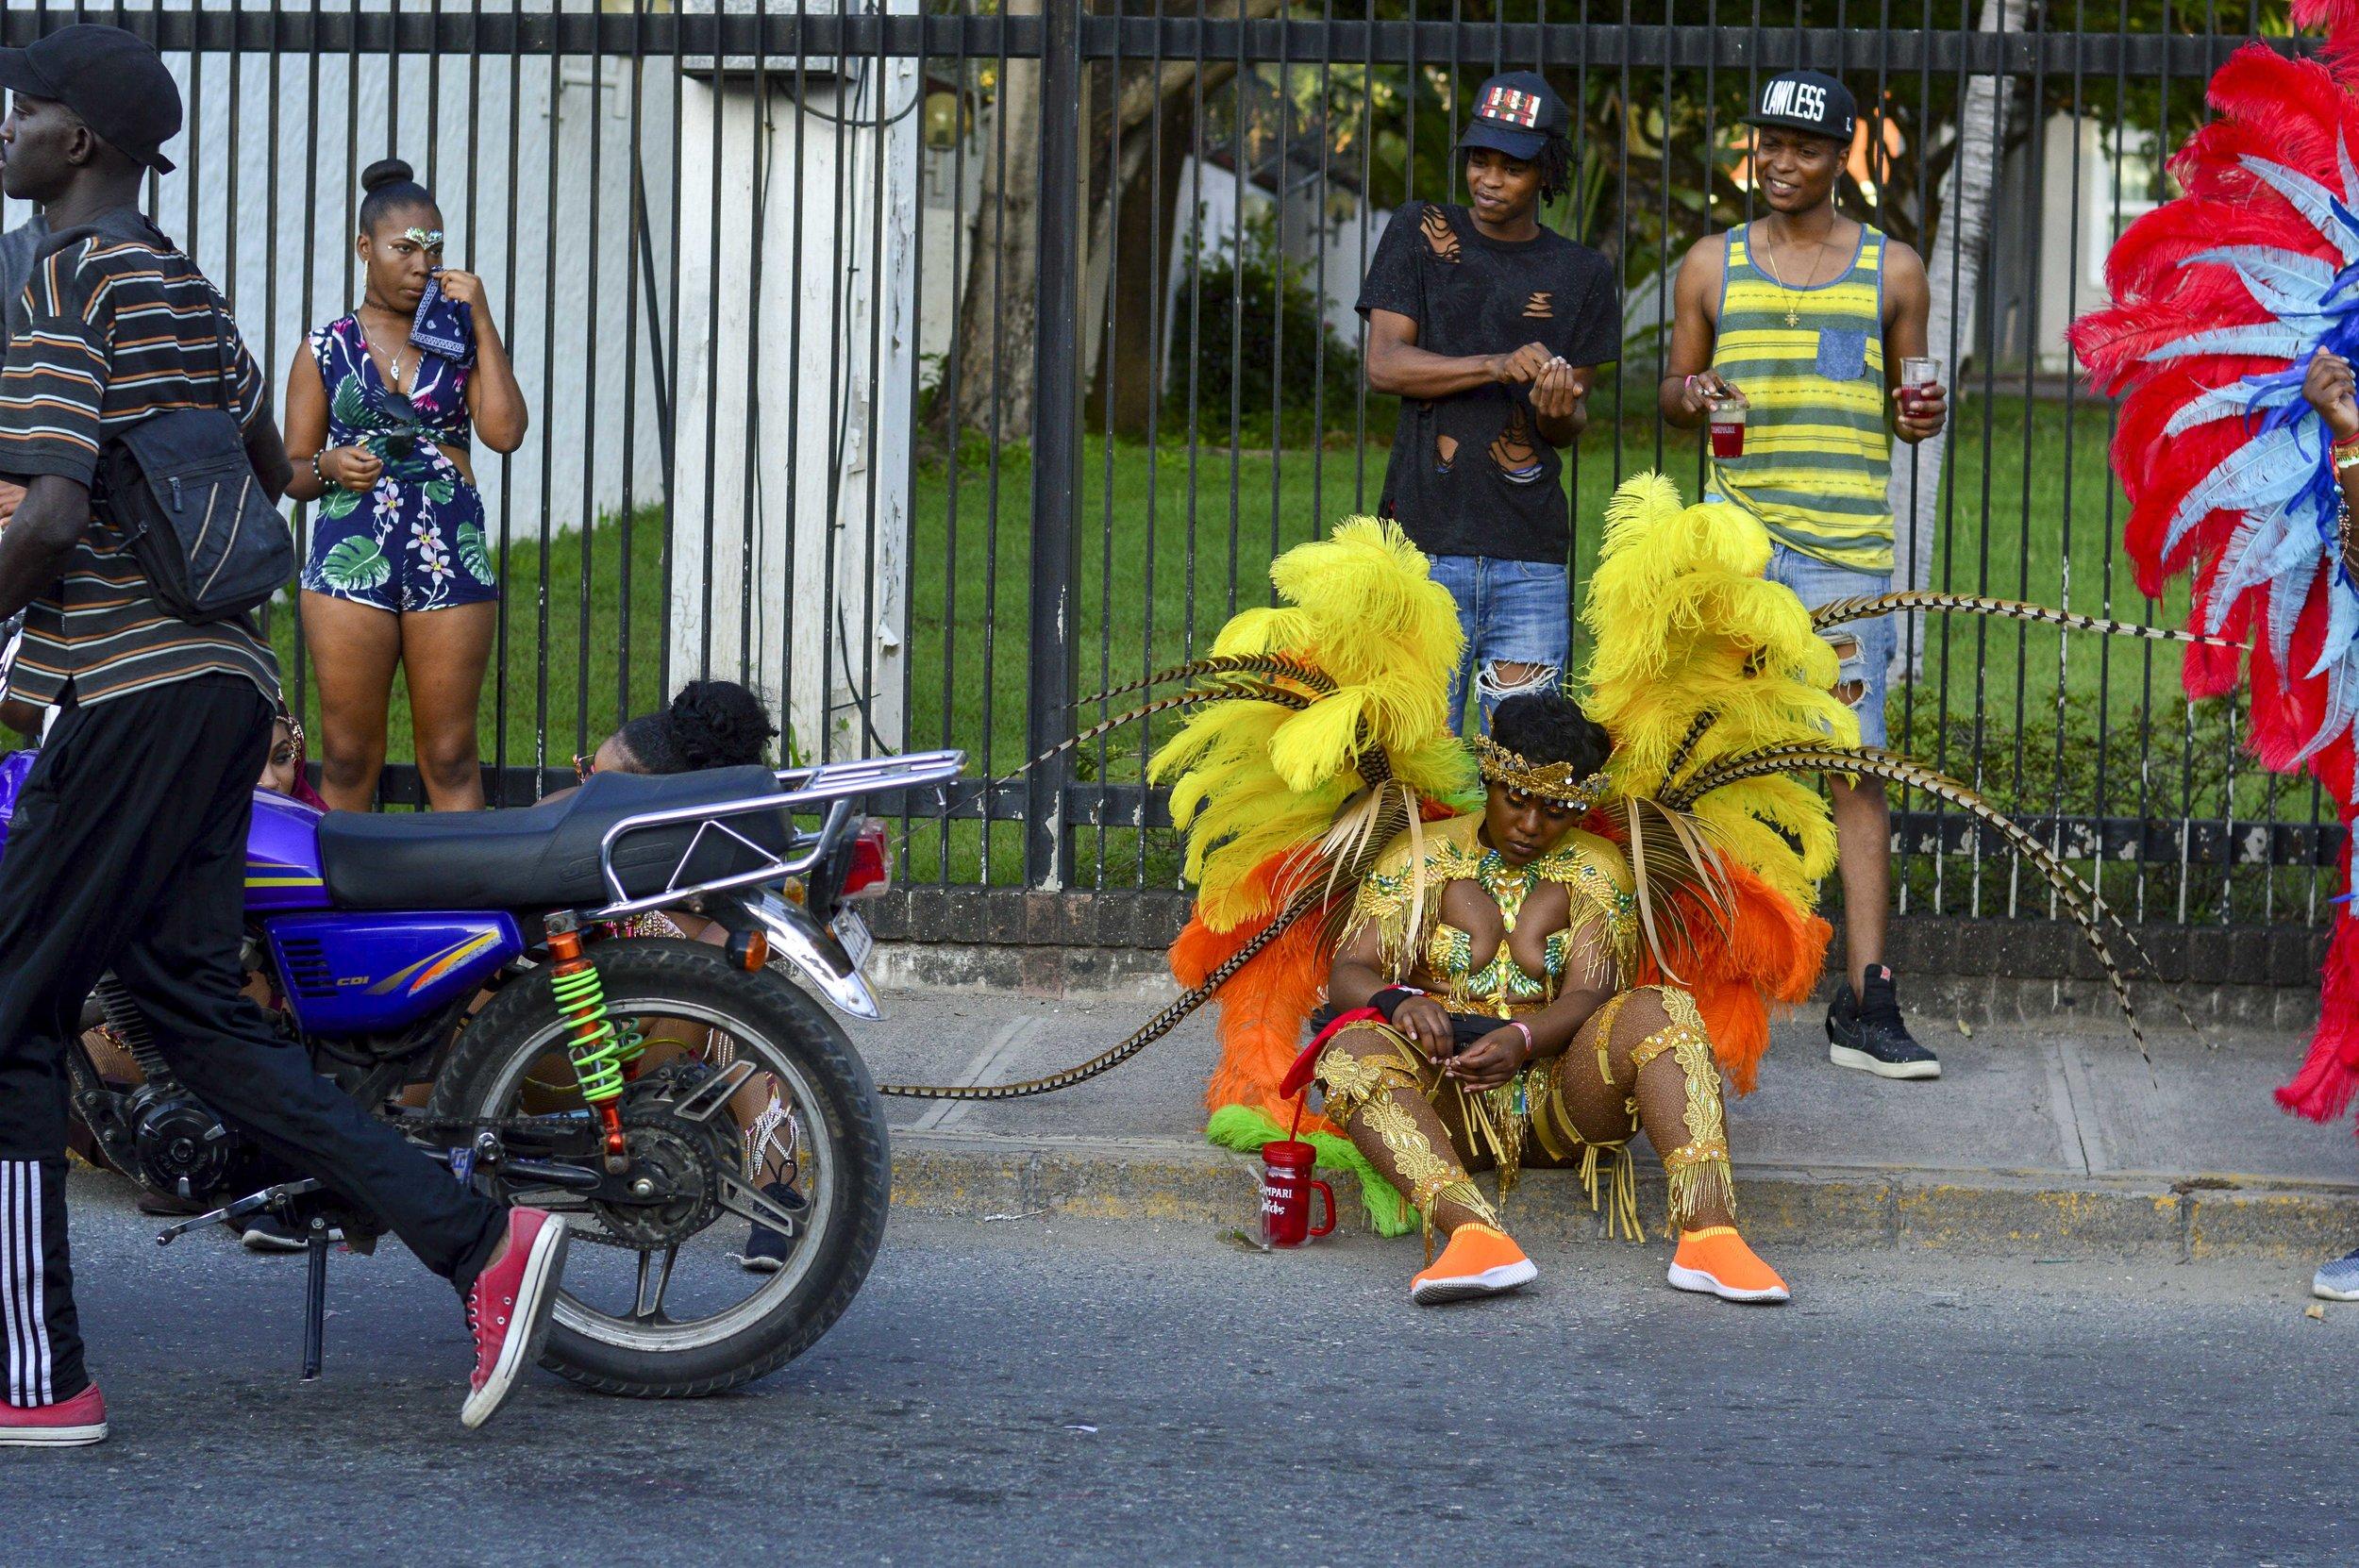 carnival2019_jeanalindo-6.jpg